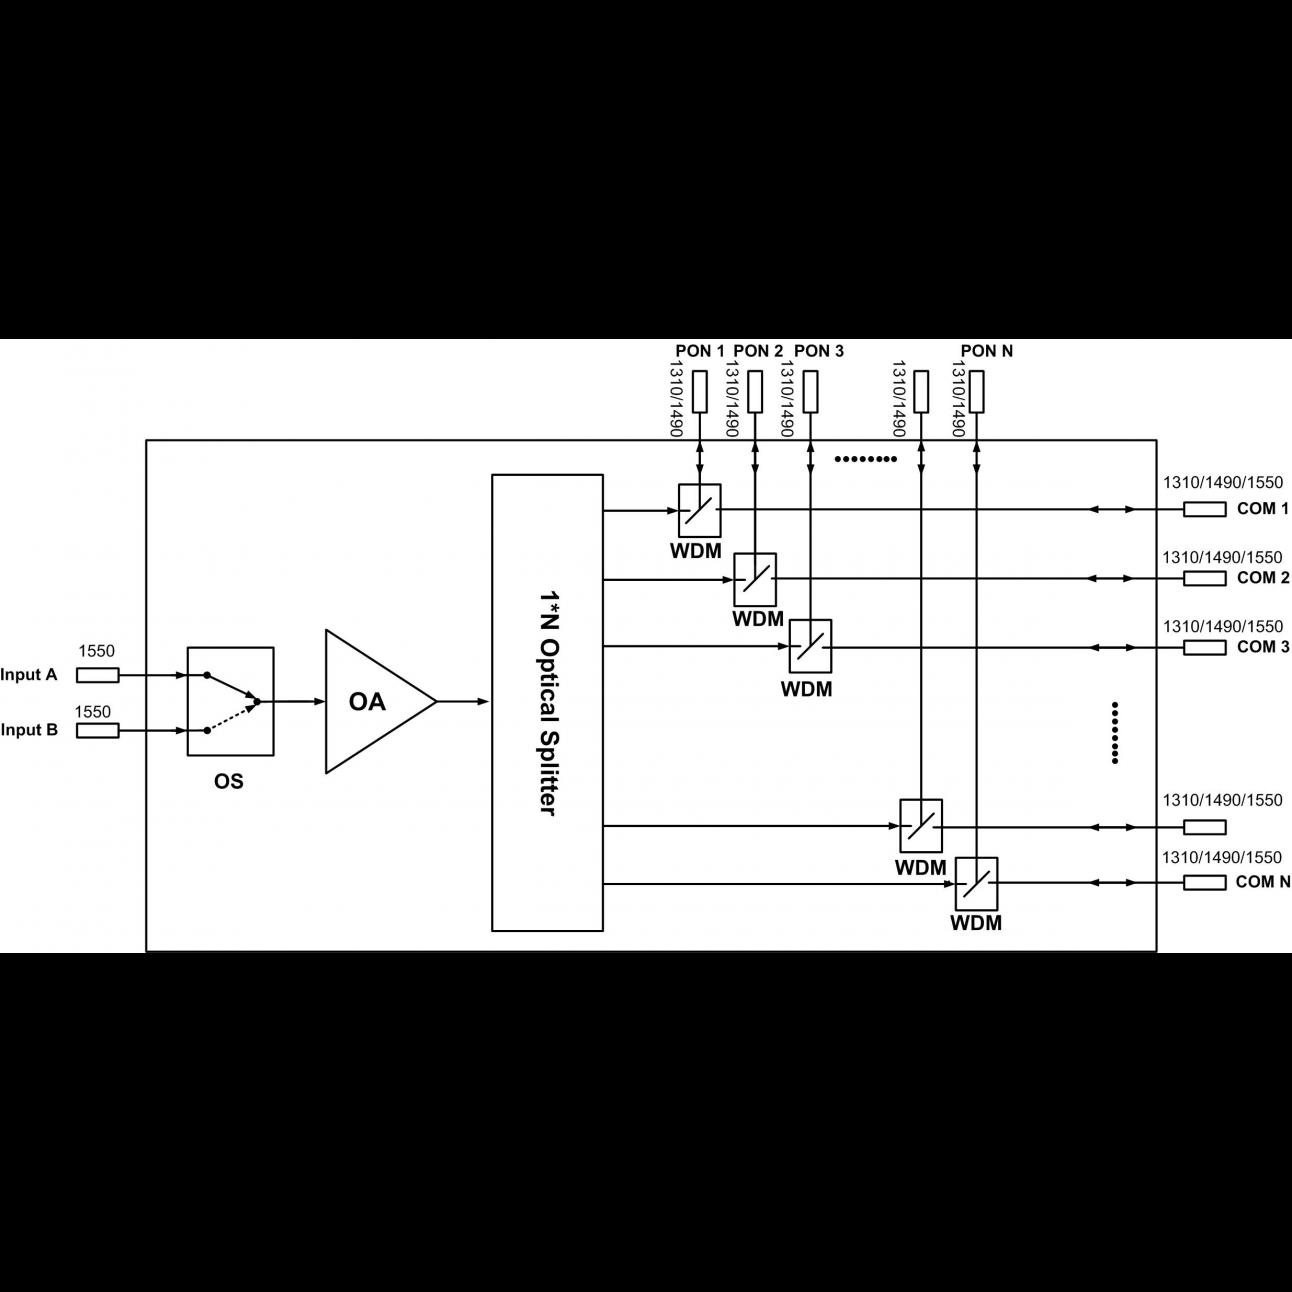 Оптический усилитель VERMAX для сетей КТВ, 2 входа, 8*15dBm выходов, WDM фильтр PON